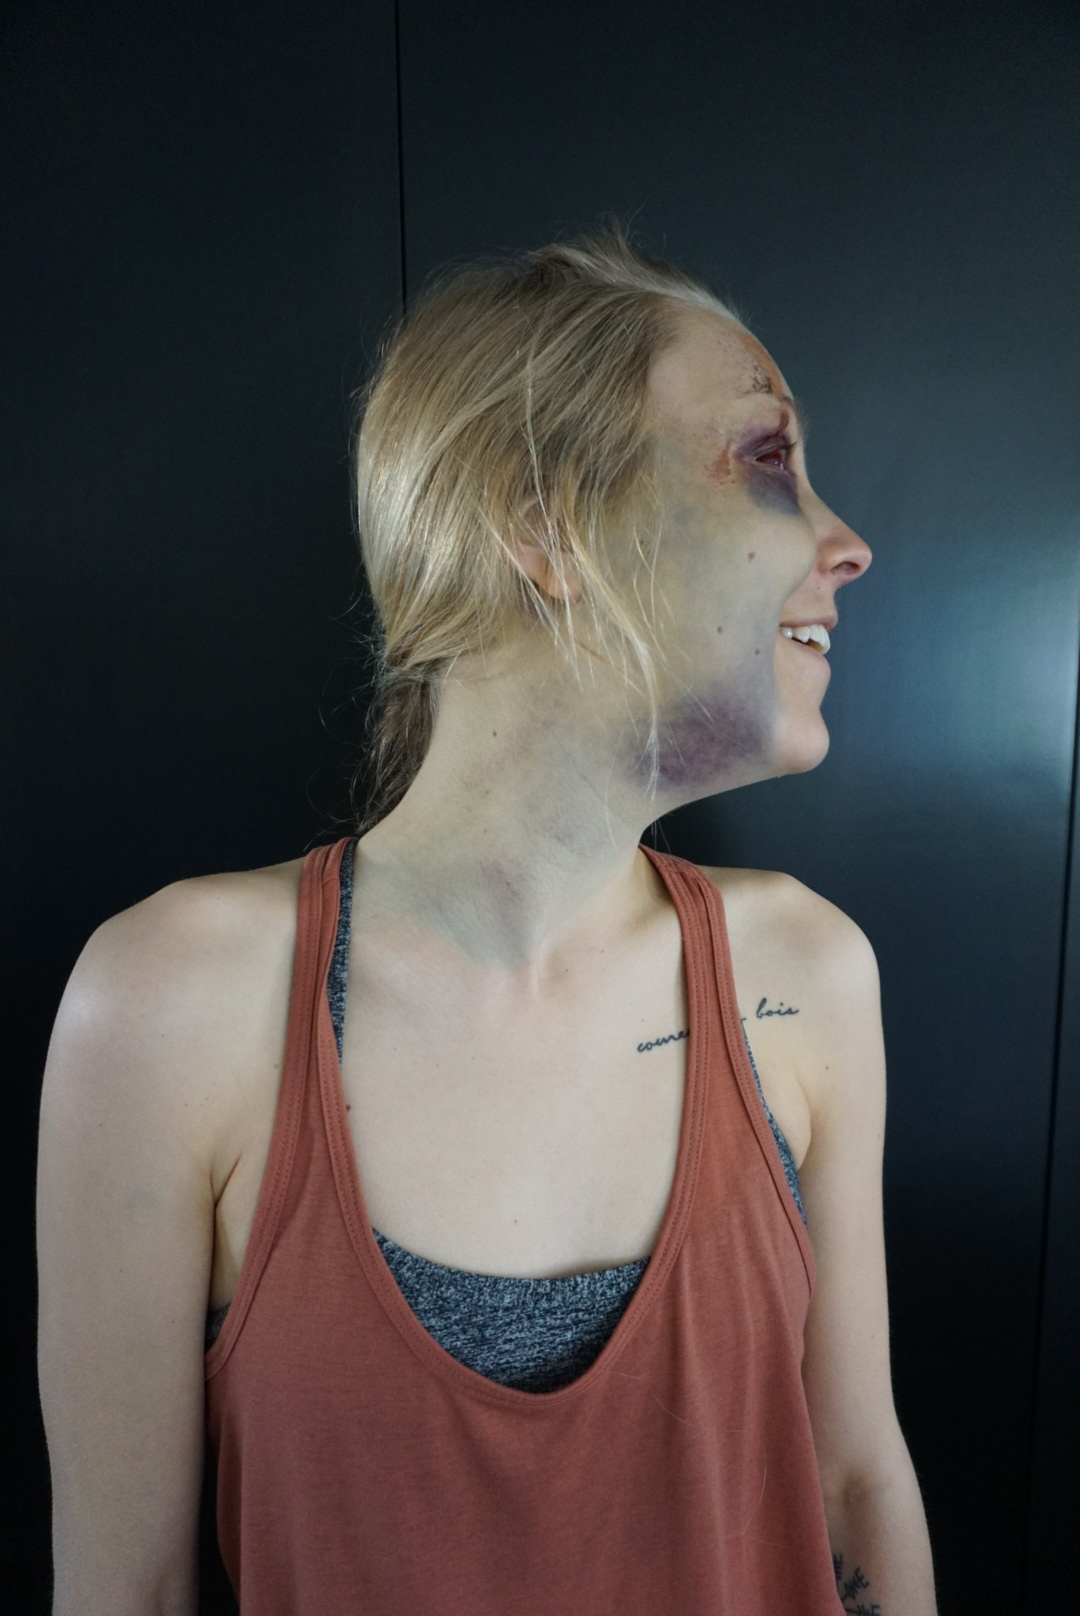 Day 5 - Endless bruising.